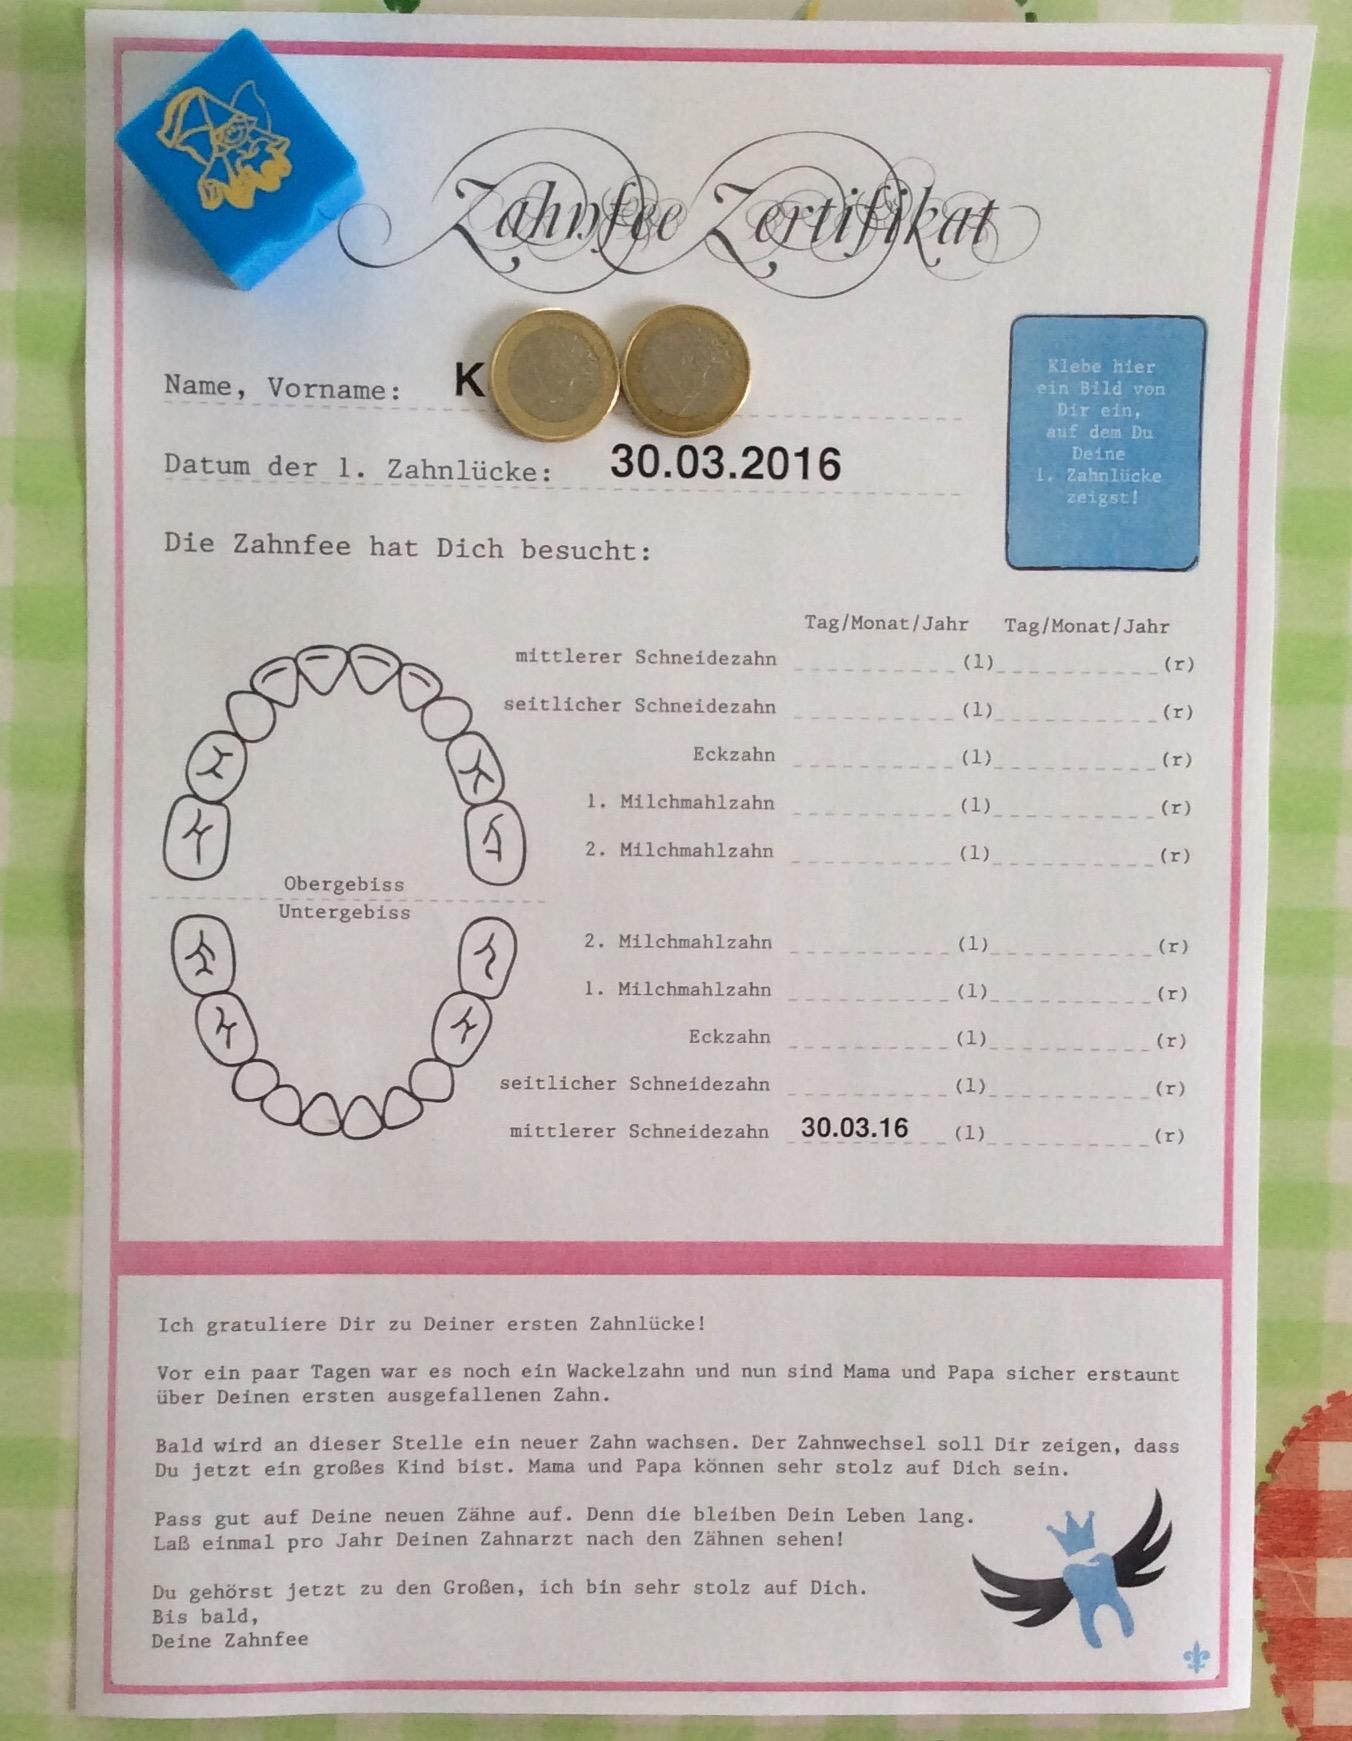 Zahnfee Zertifikat